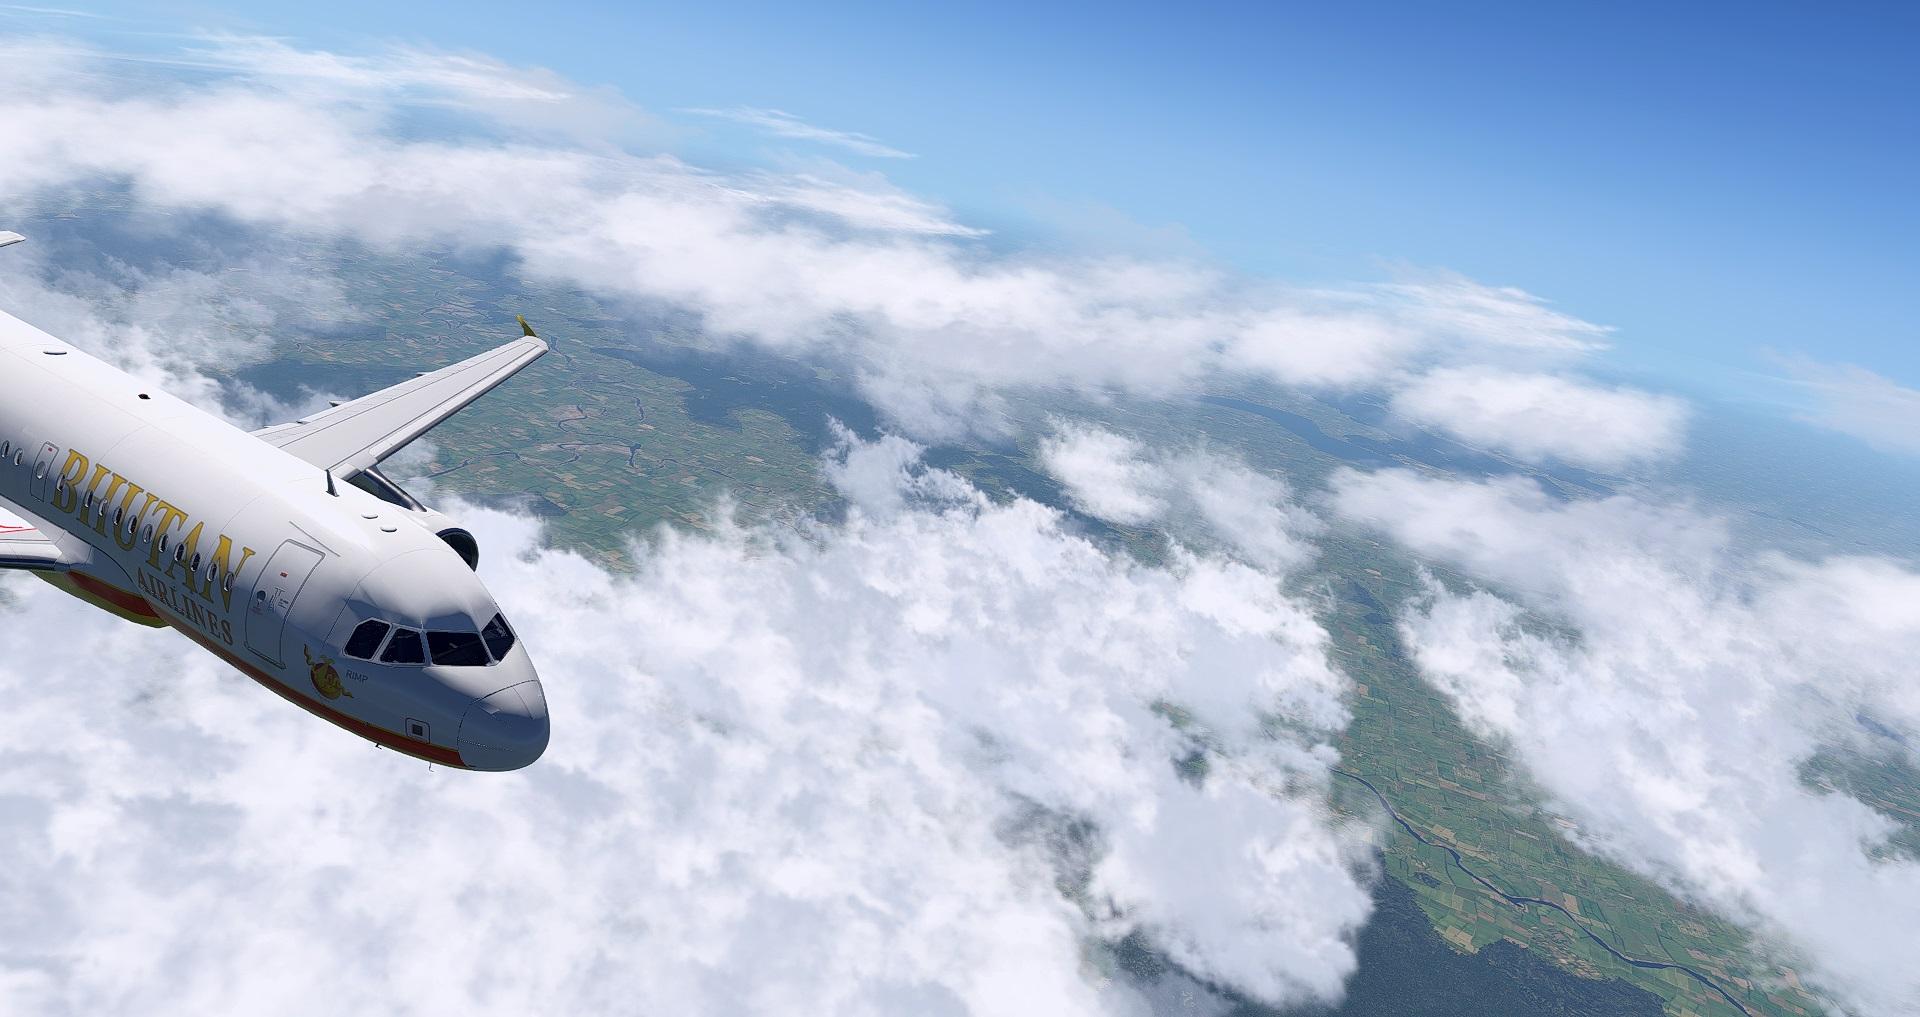 x-plane-2021-02-06-00-52-18.jpg